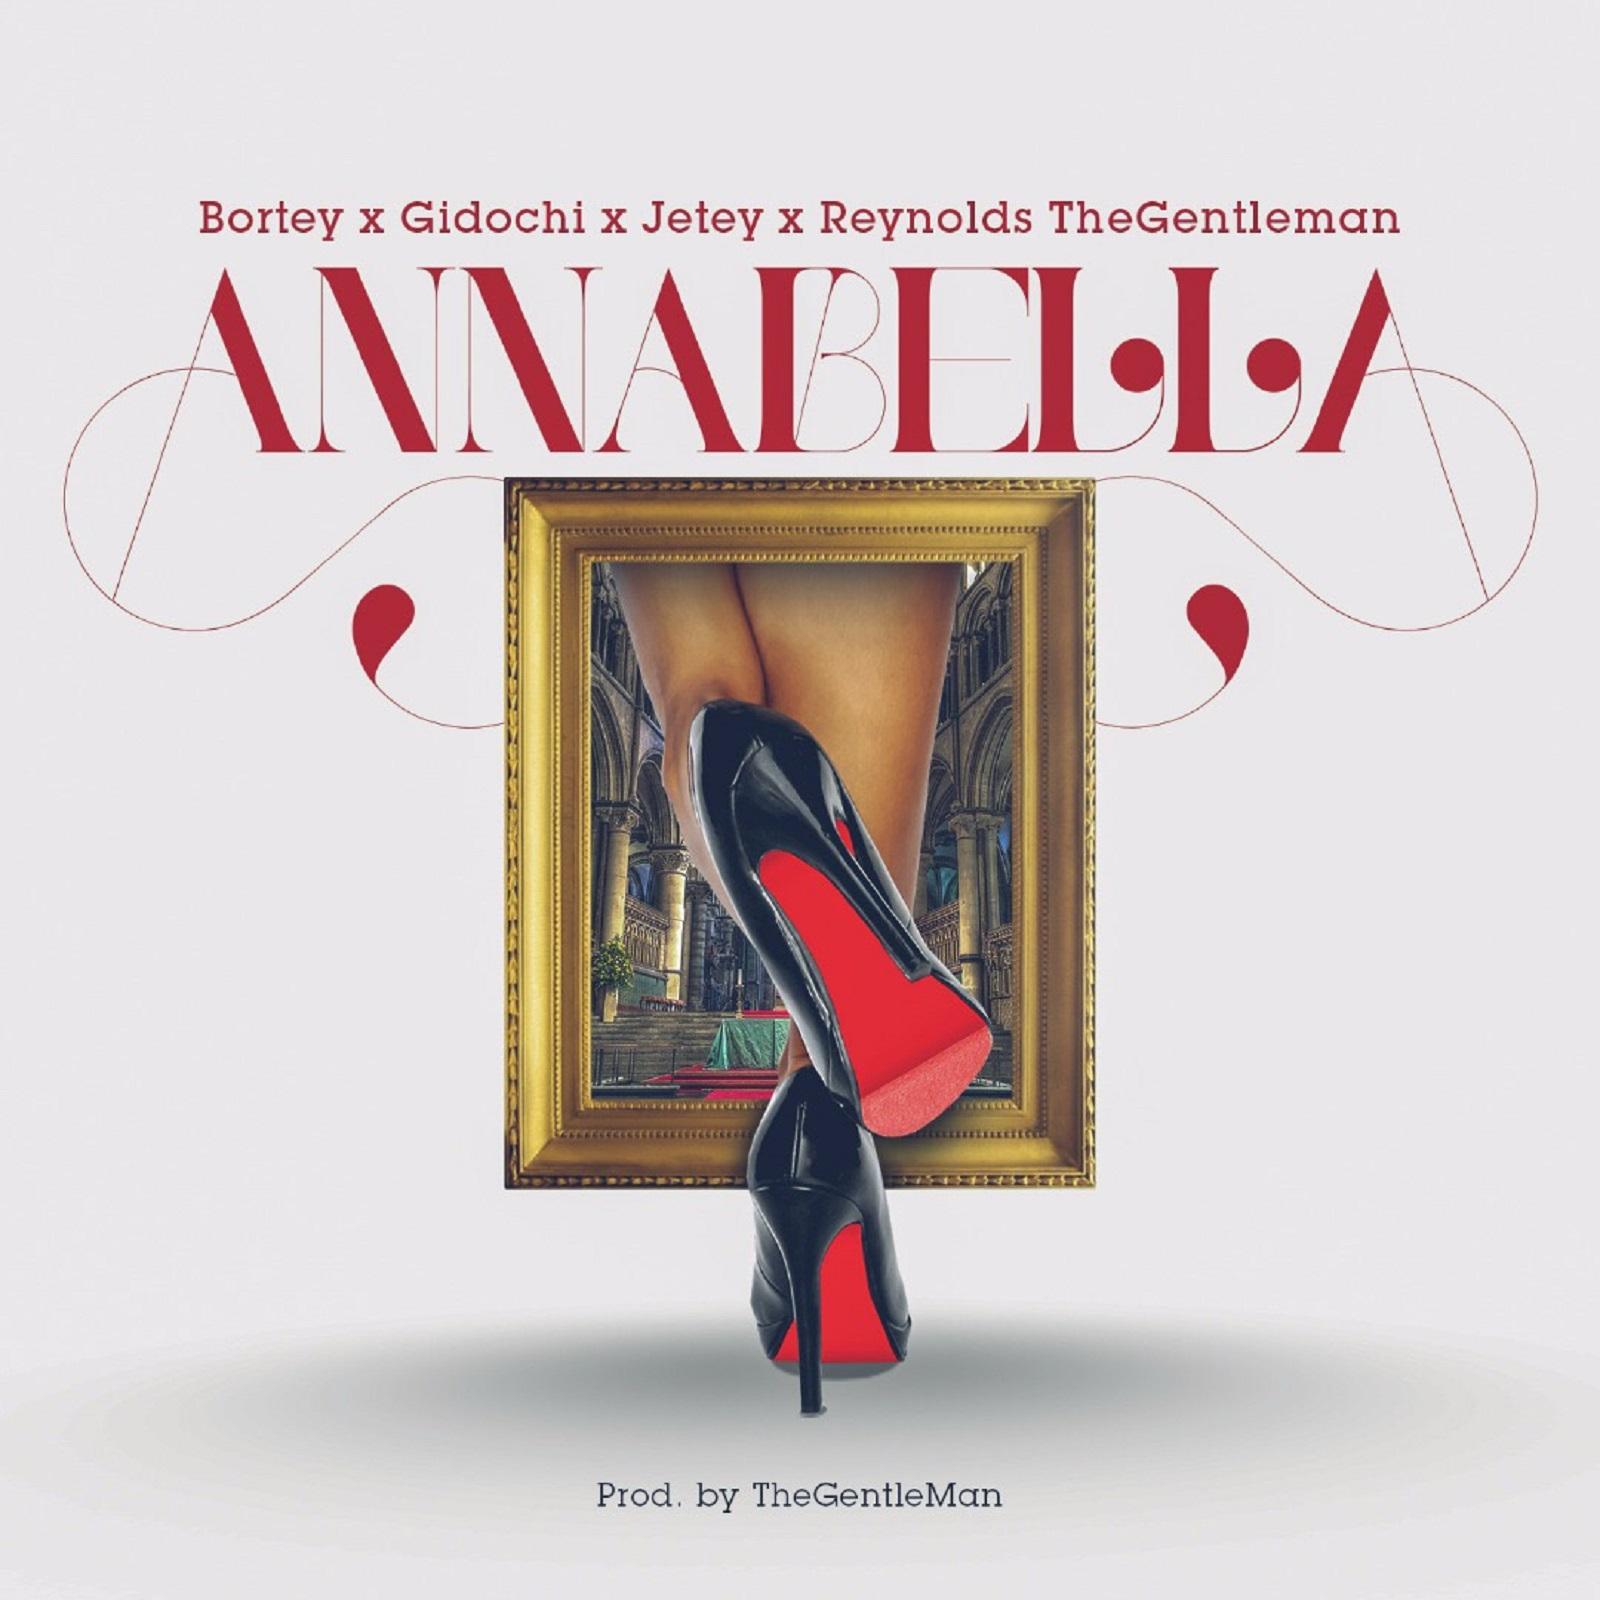 Annabella by Bortey, Gidochi, Jetey & Reynolds Th